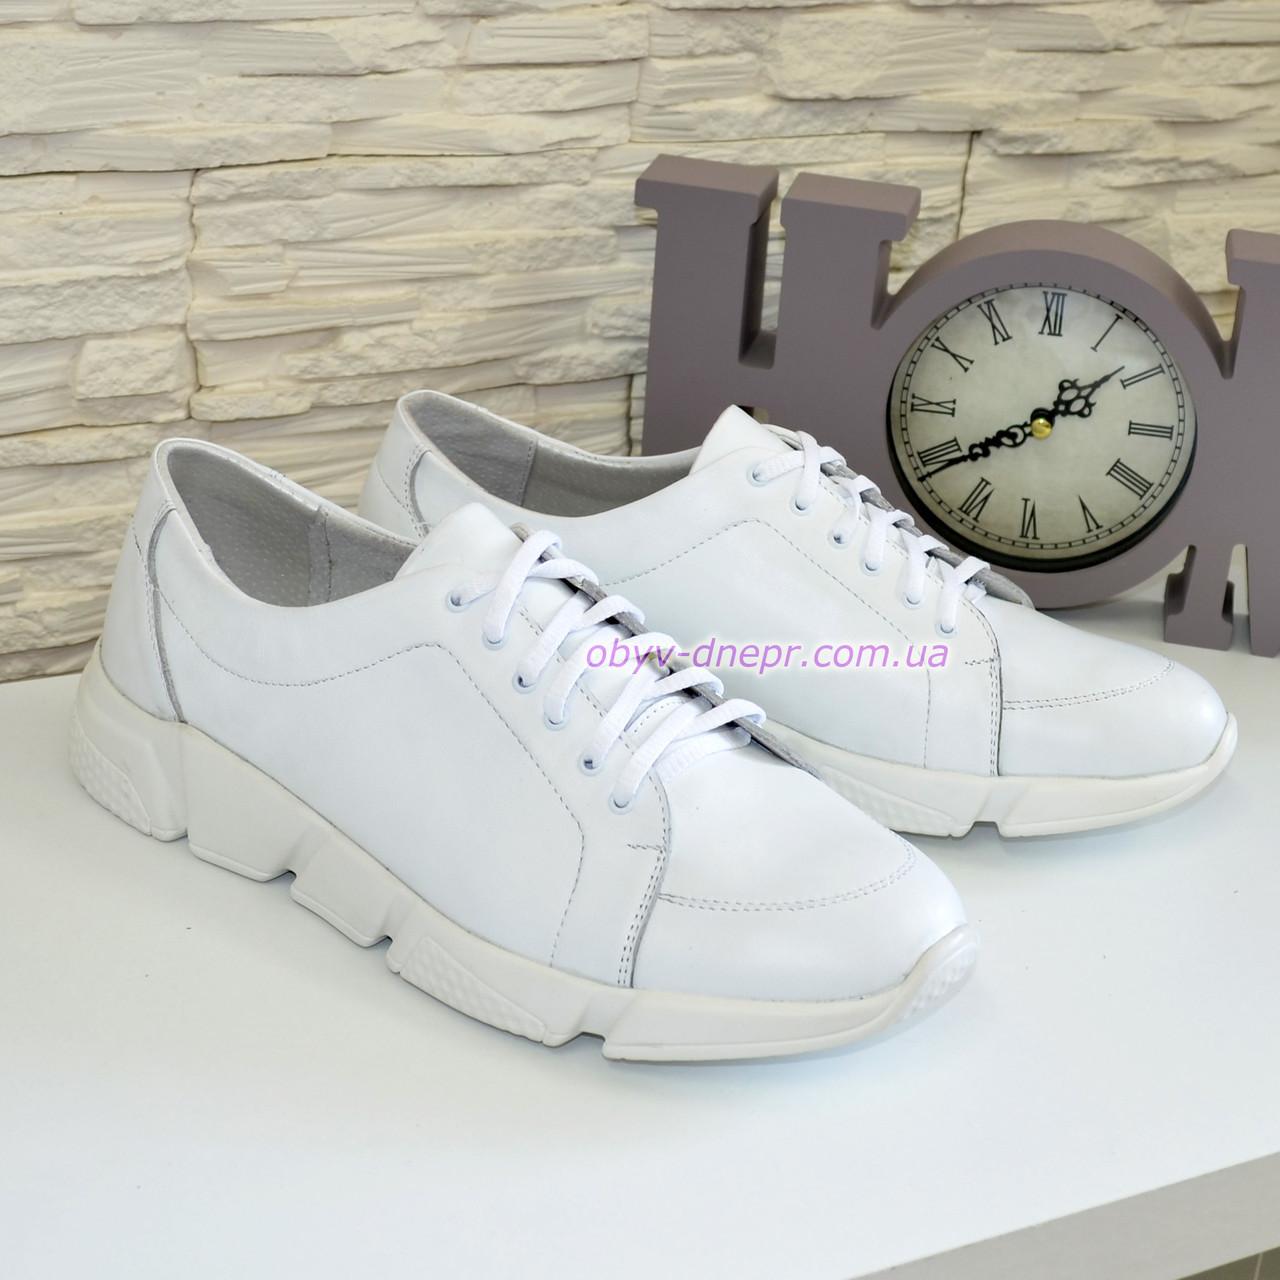 Чоловічі шкіряні білі кросівки на шнурівці